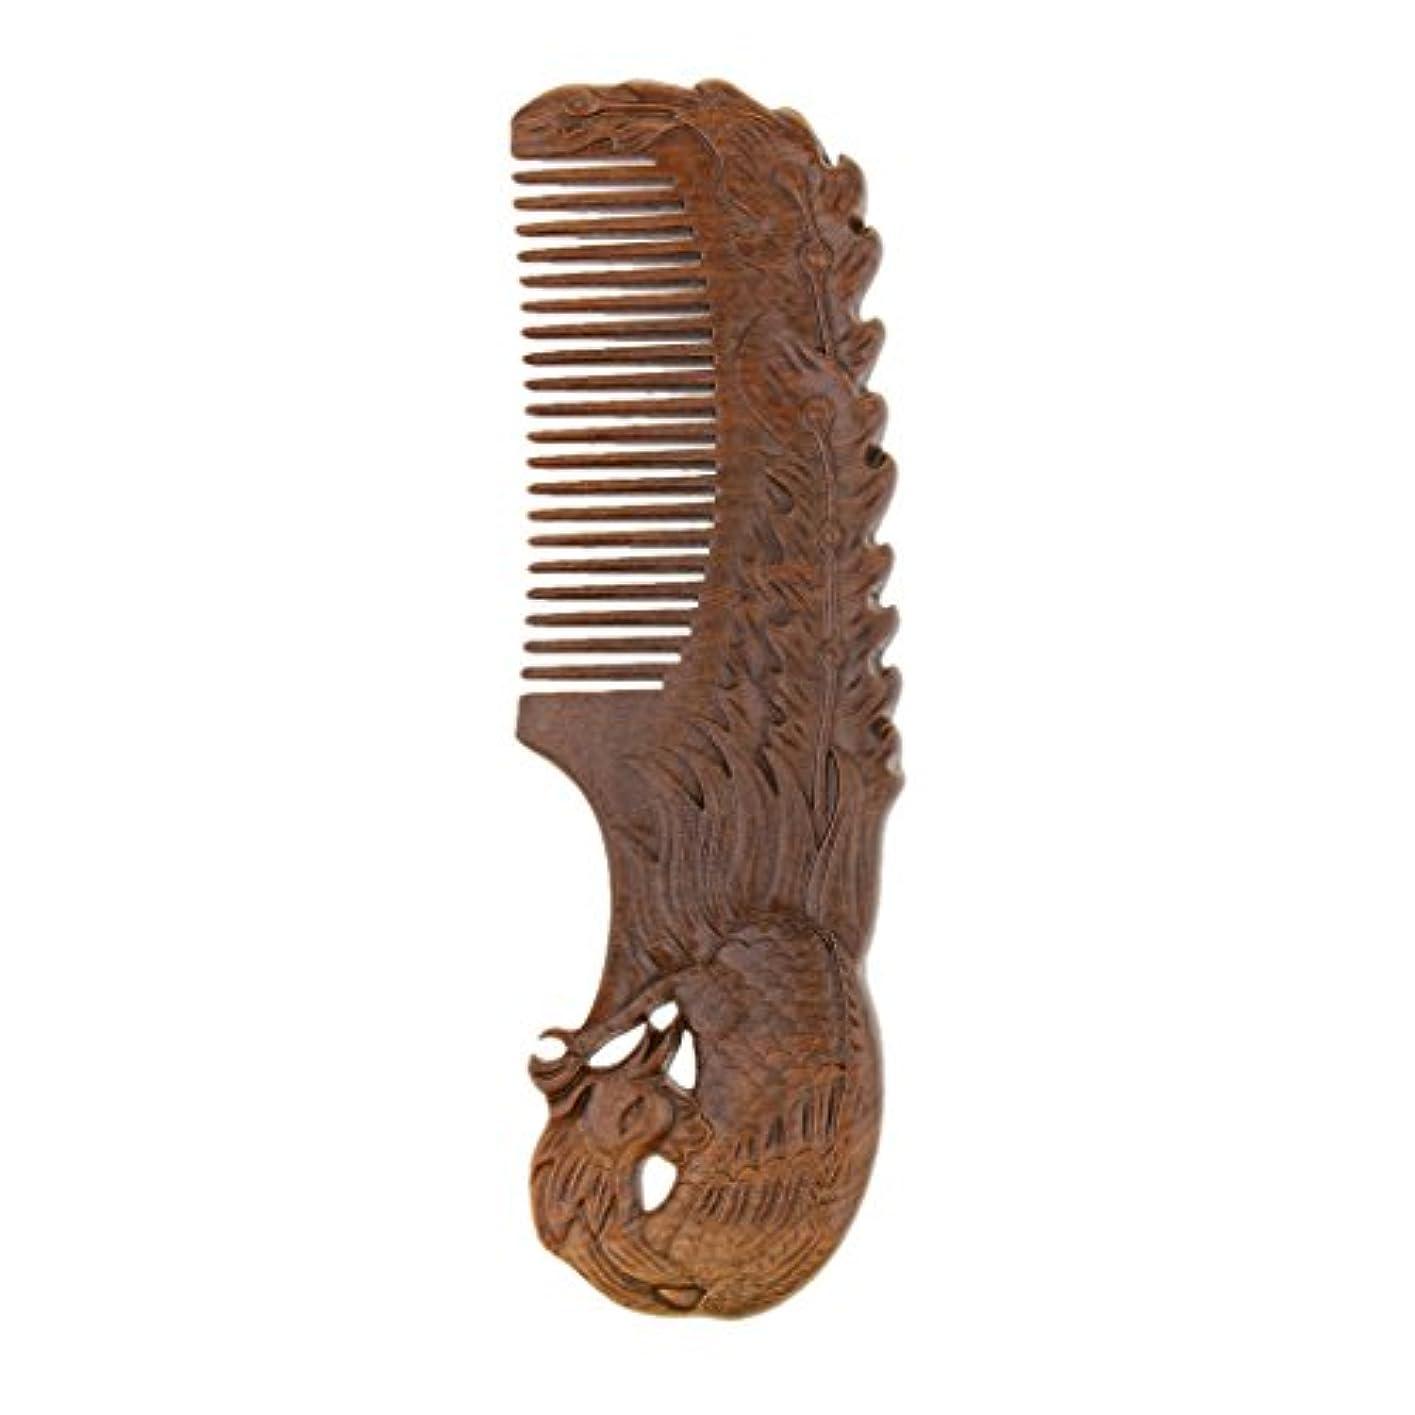 準備する歯科の昼間全2種類 ヘアコーム ヘアブラシ 木製 櫛 ポケットサイズ 女性 ギフト - Phoenix